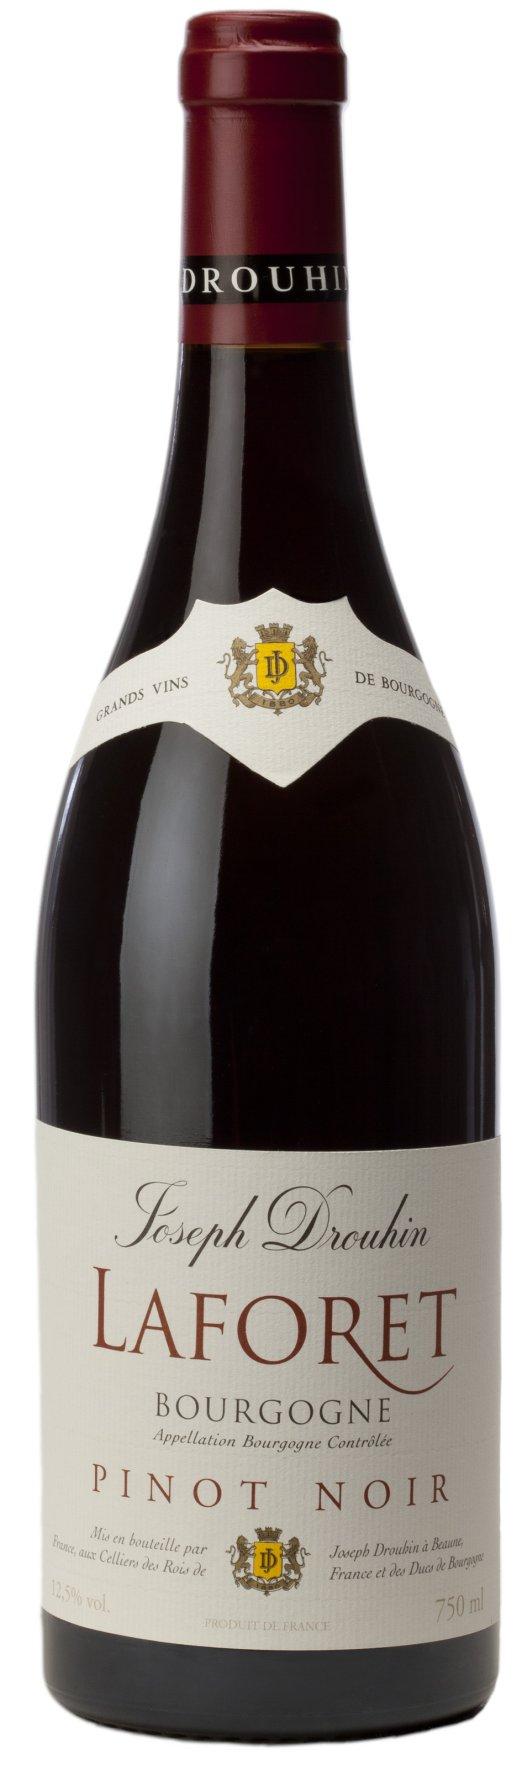 Pinot Noir Rulandské Modré 2010 Laforet Bourgogne Joseph Drouhin